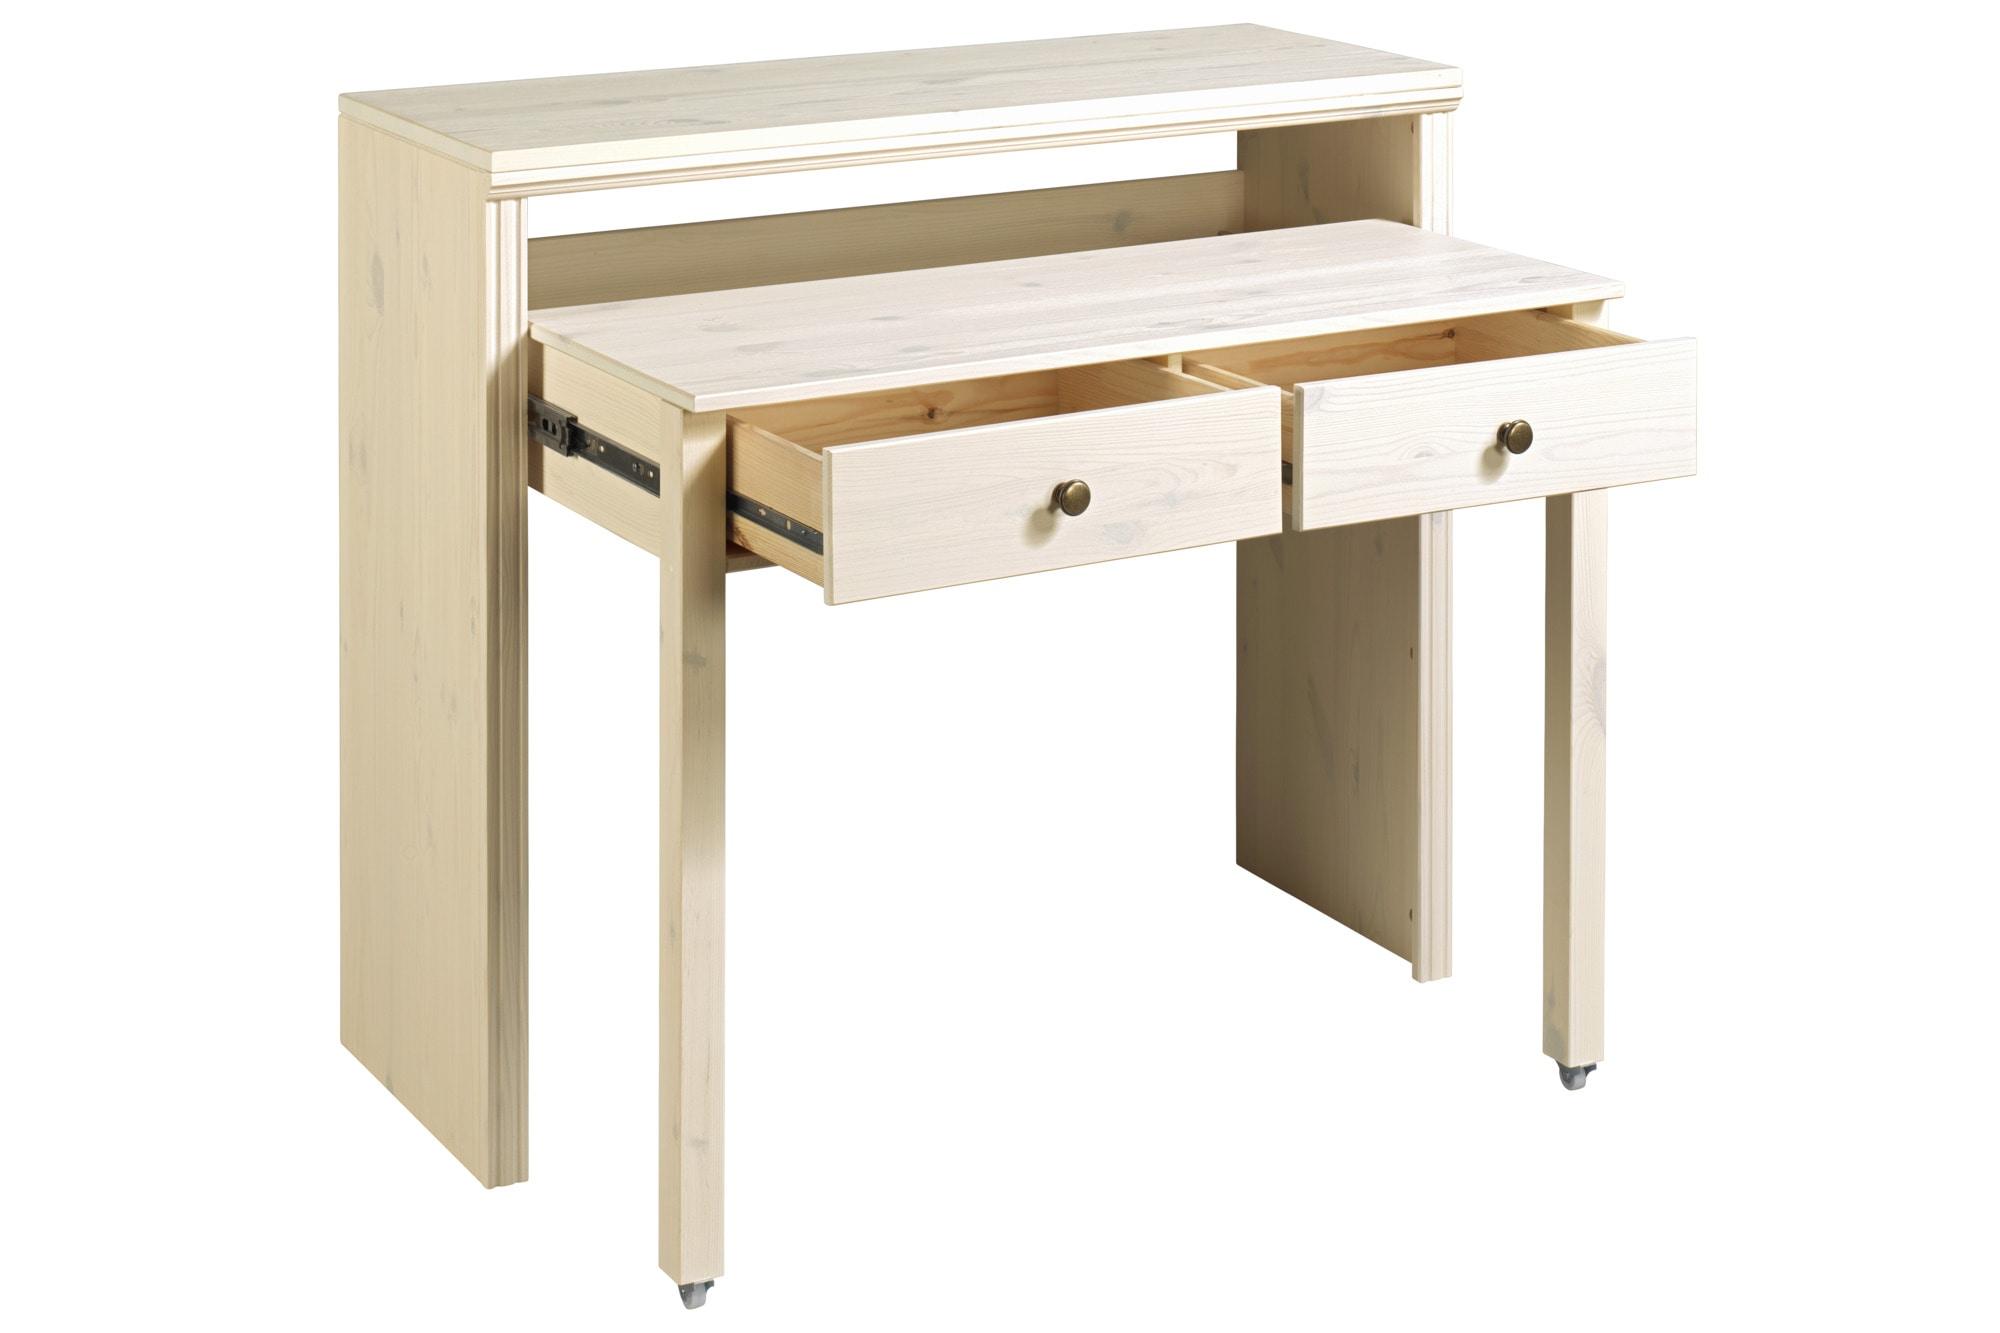 heine home Schreibtisch oder Konsole | 04812644015335